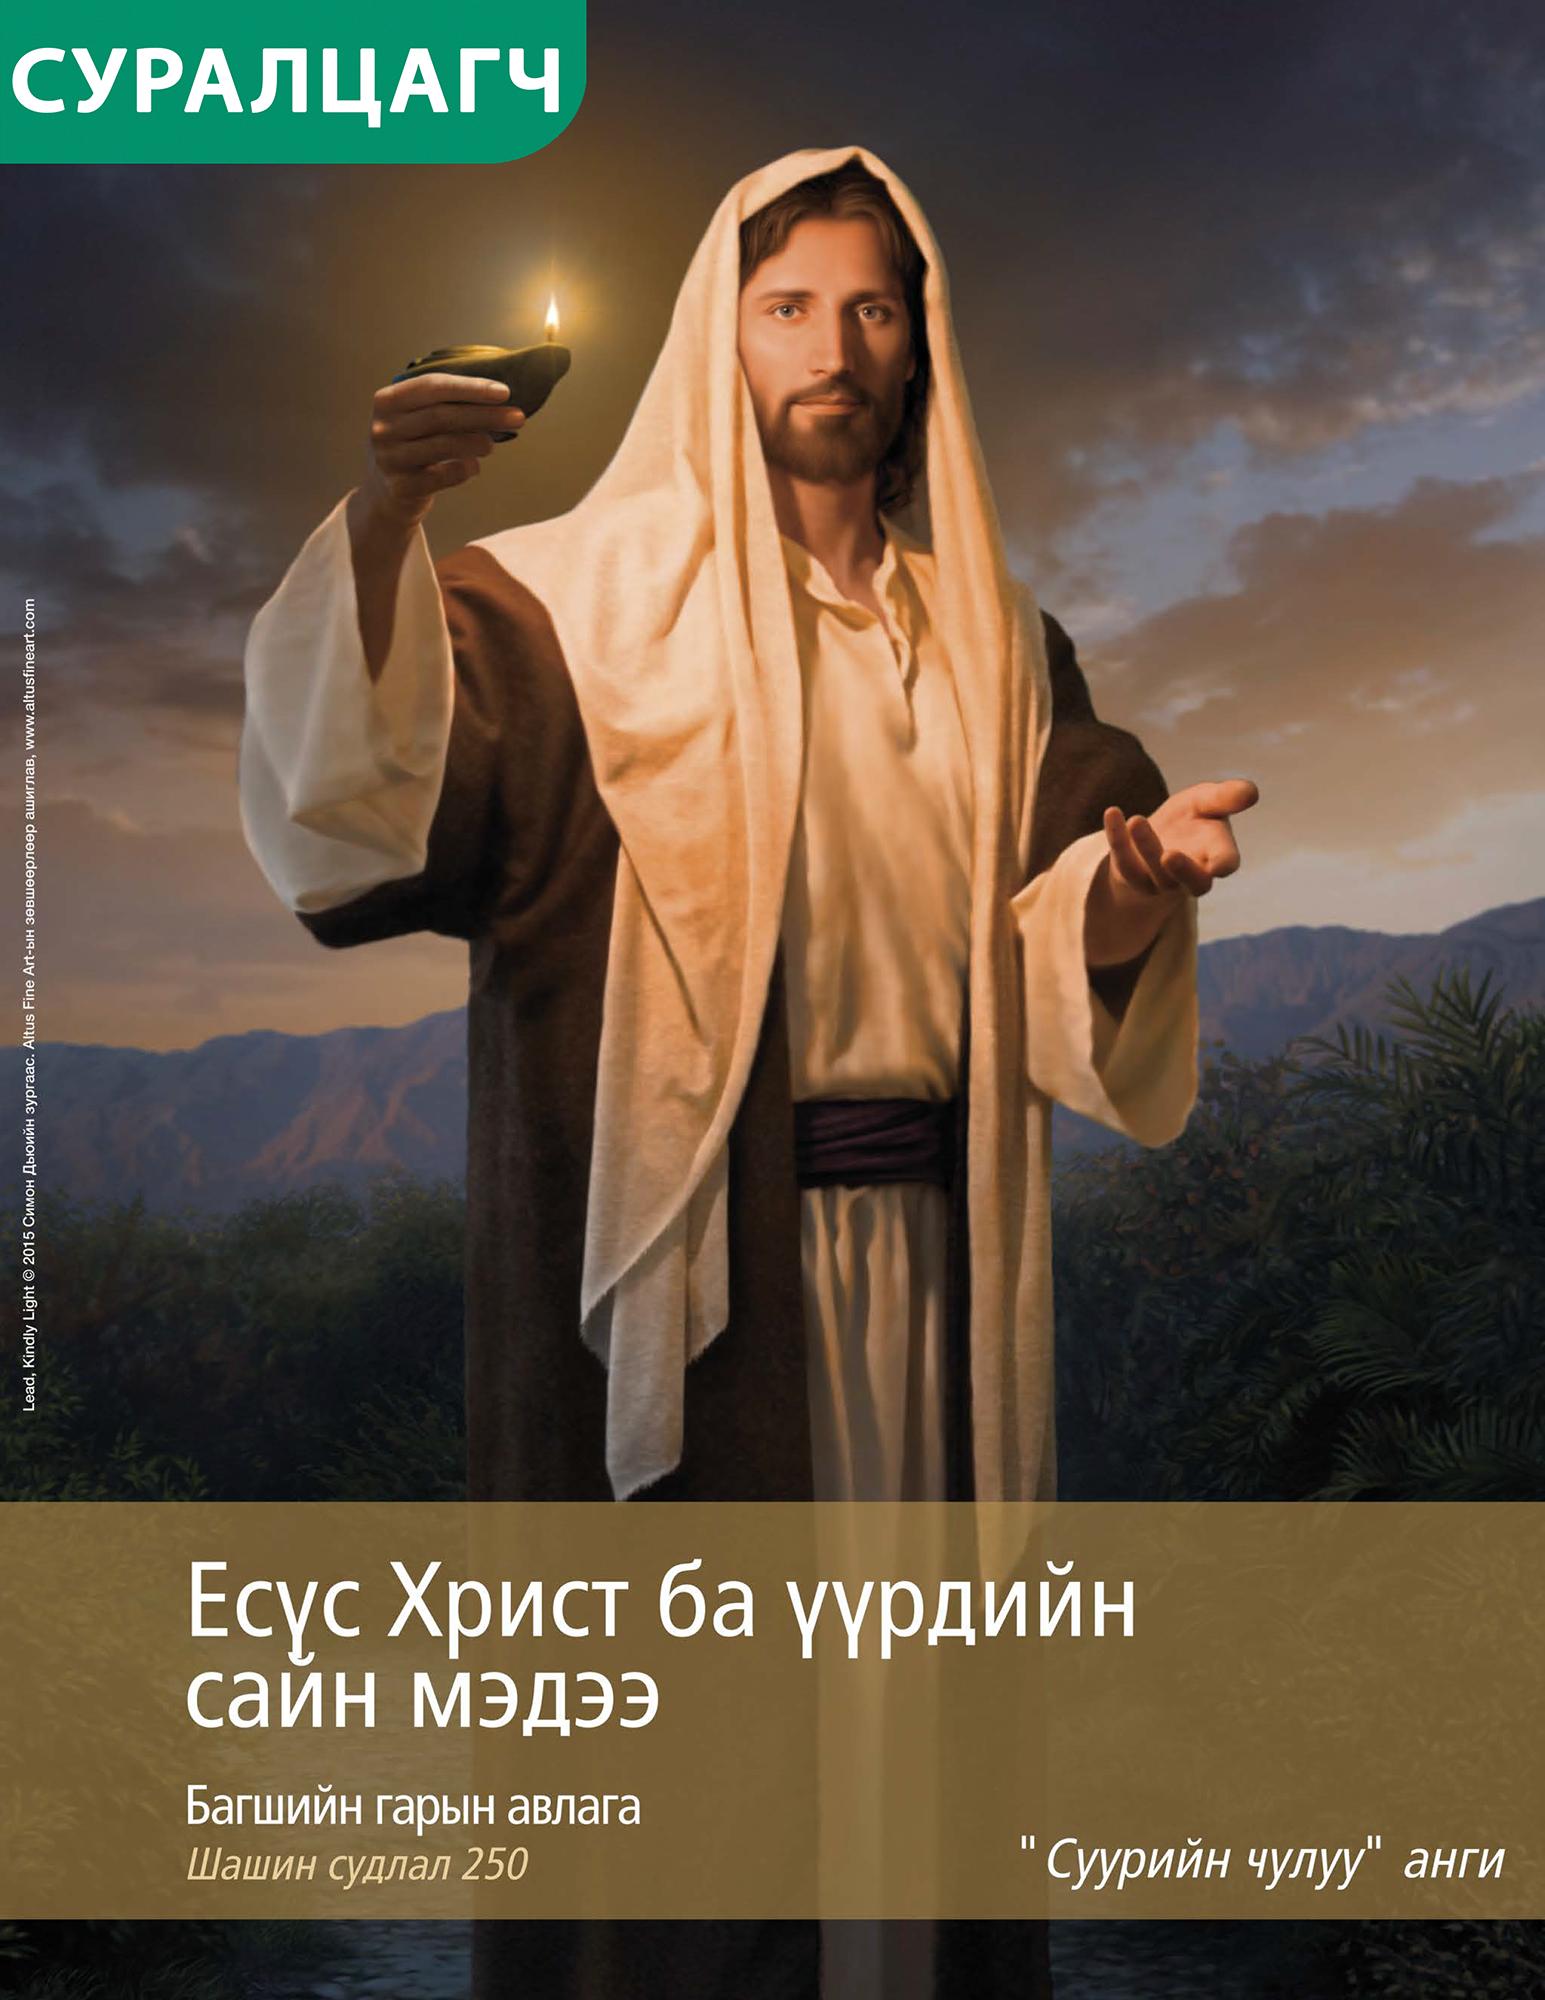 """""""Есүс Христ ба үүрдийн сайн мэдээ"""" багшийн гарын авлага (Шашин судлал 250)"""